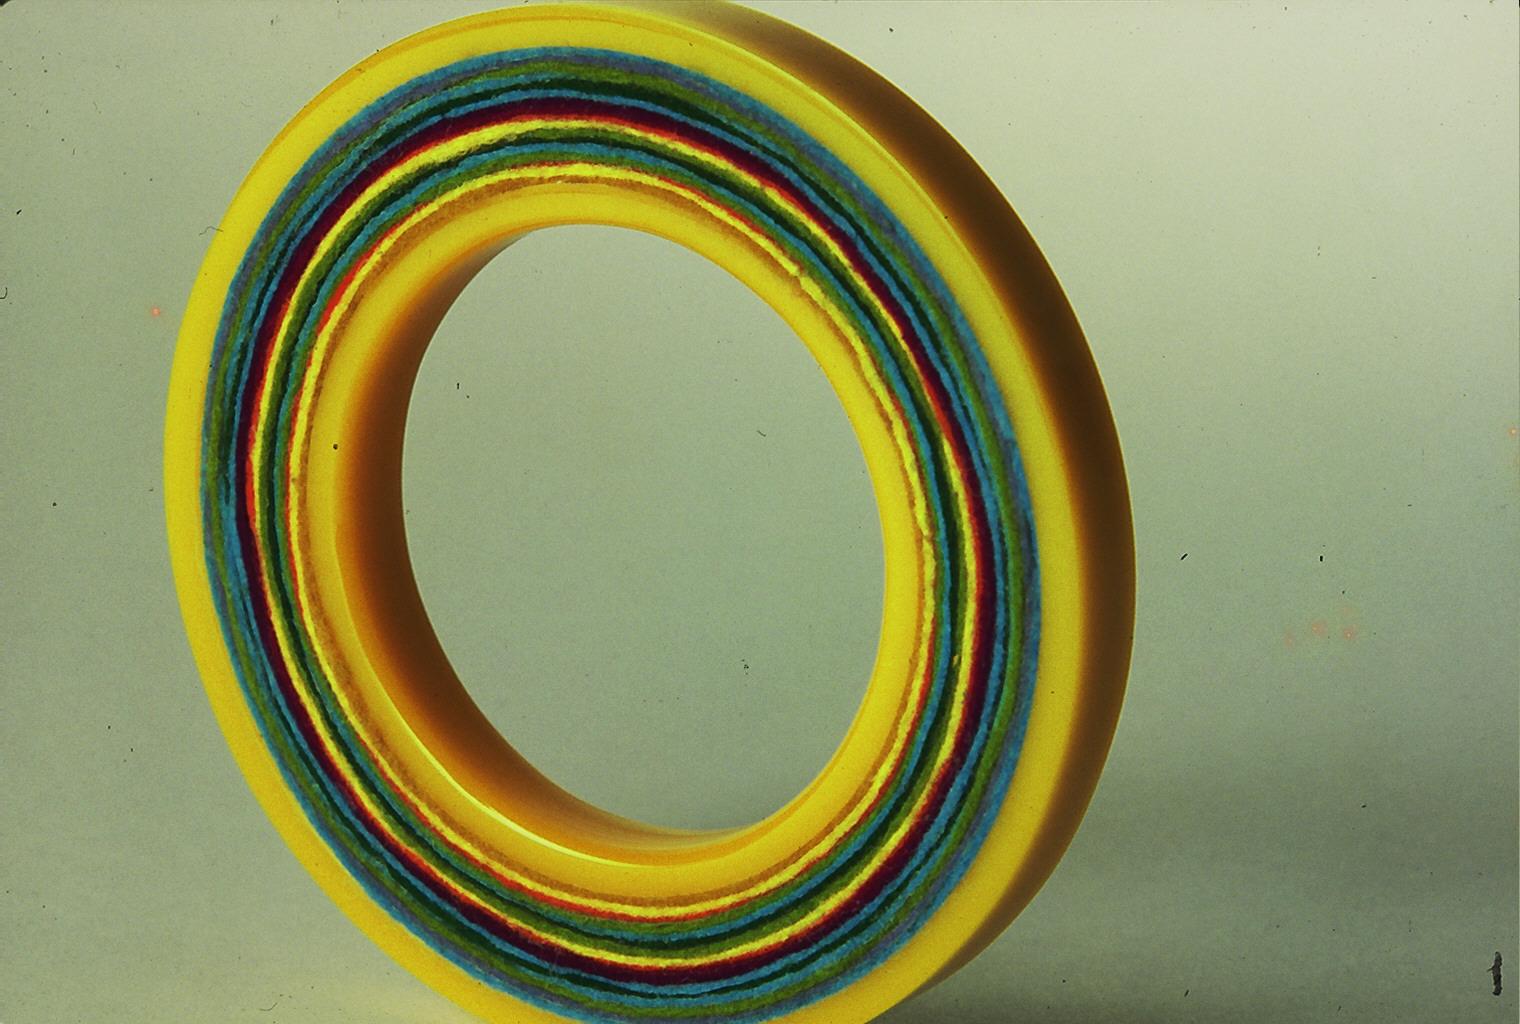 Suzanne Esser, armband, acrylaat, vilt